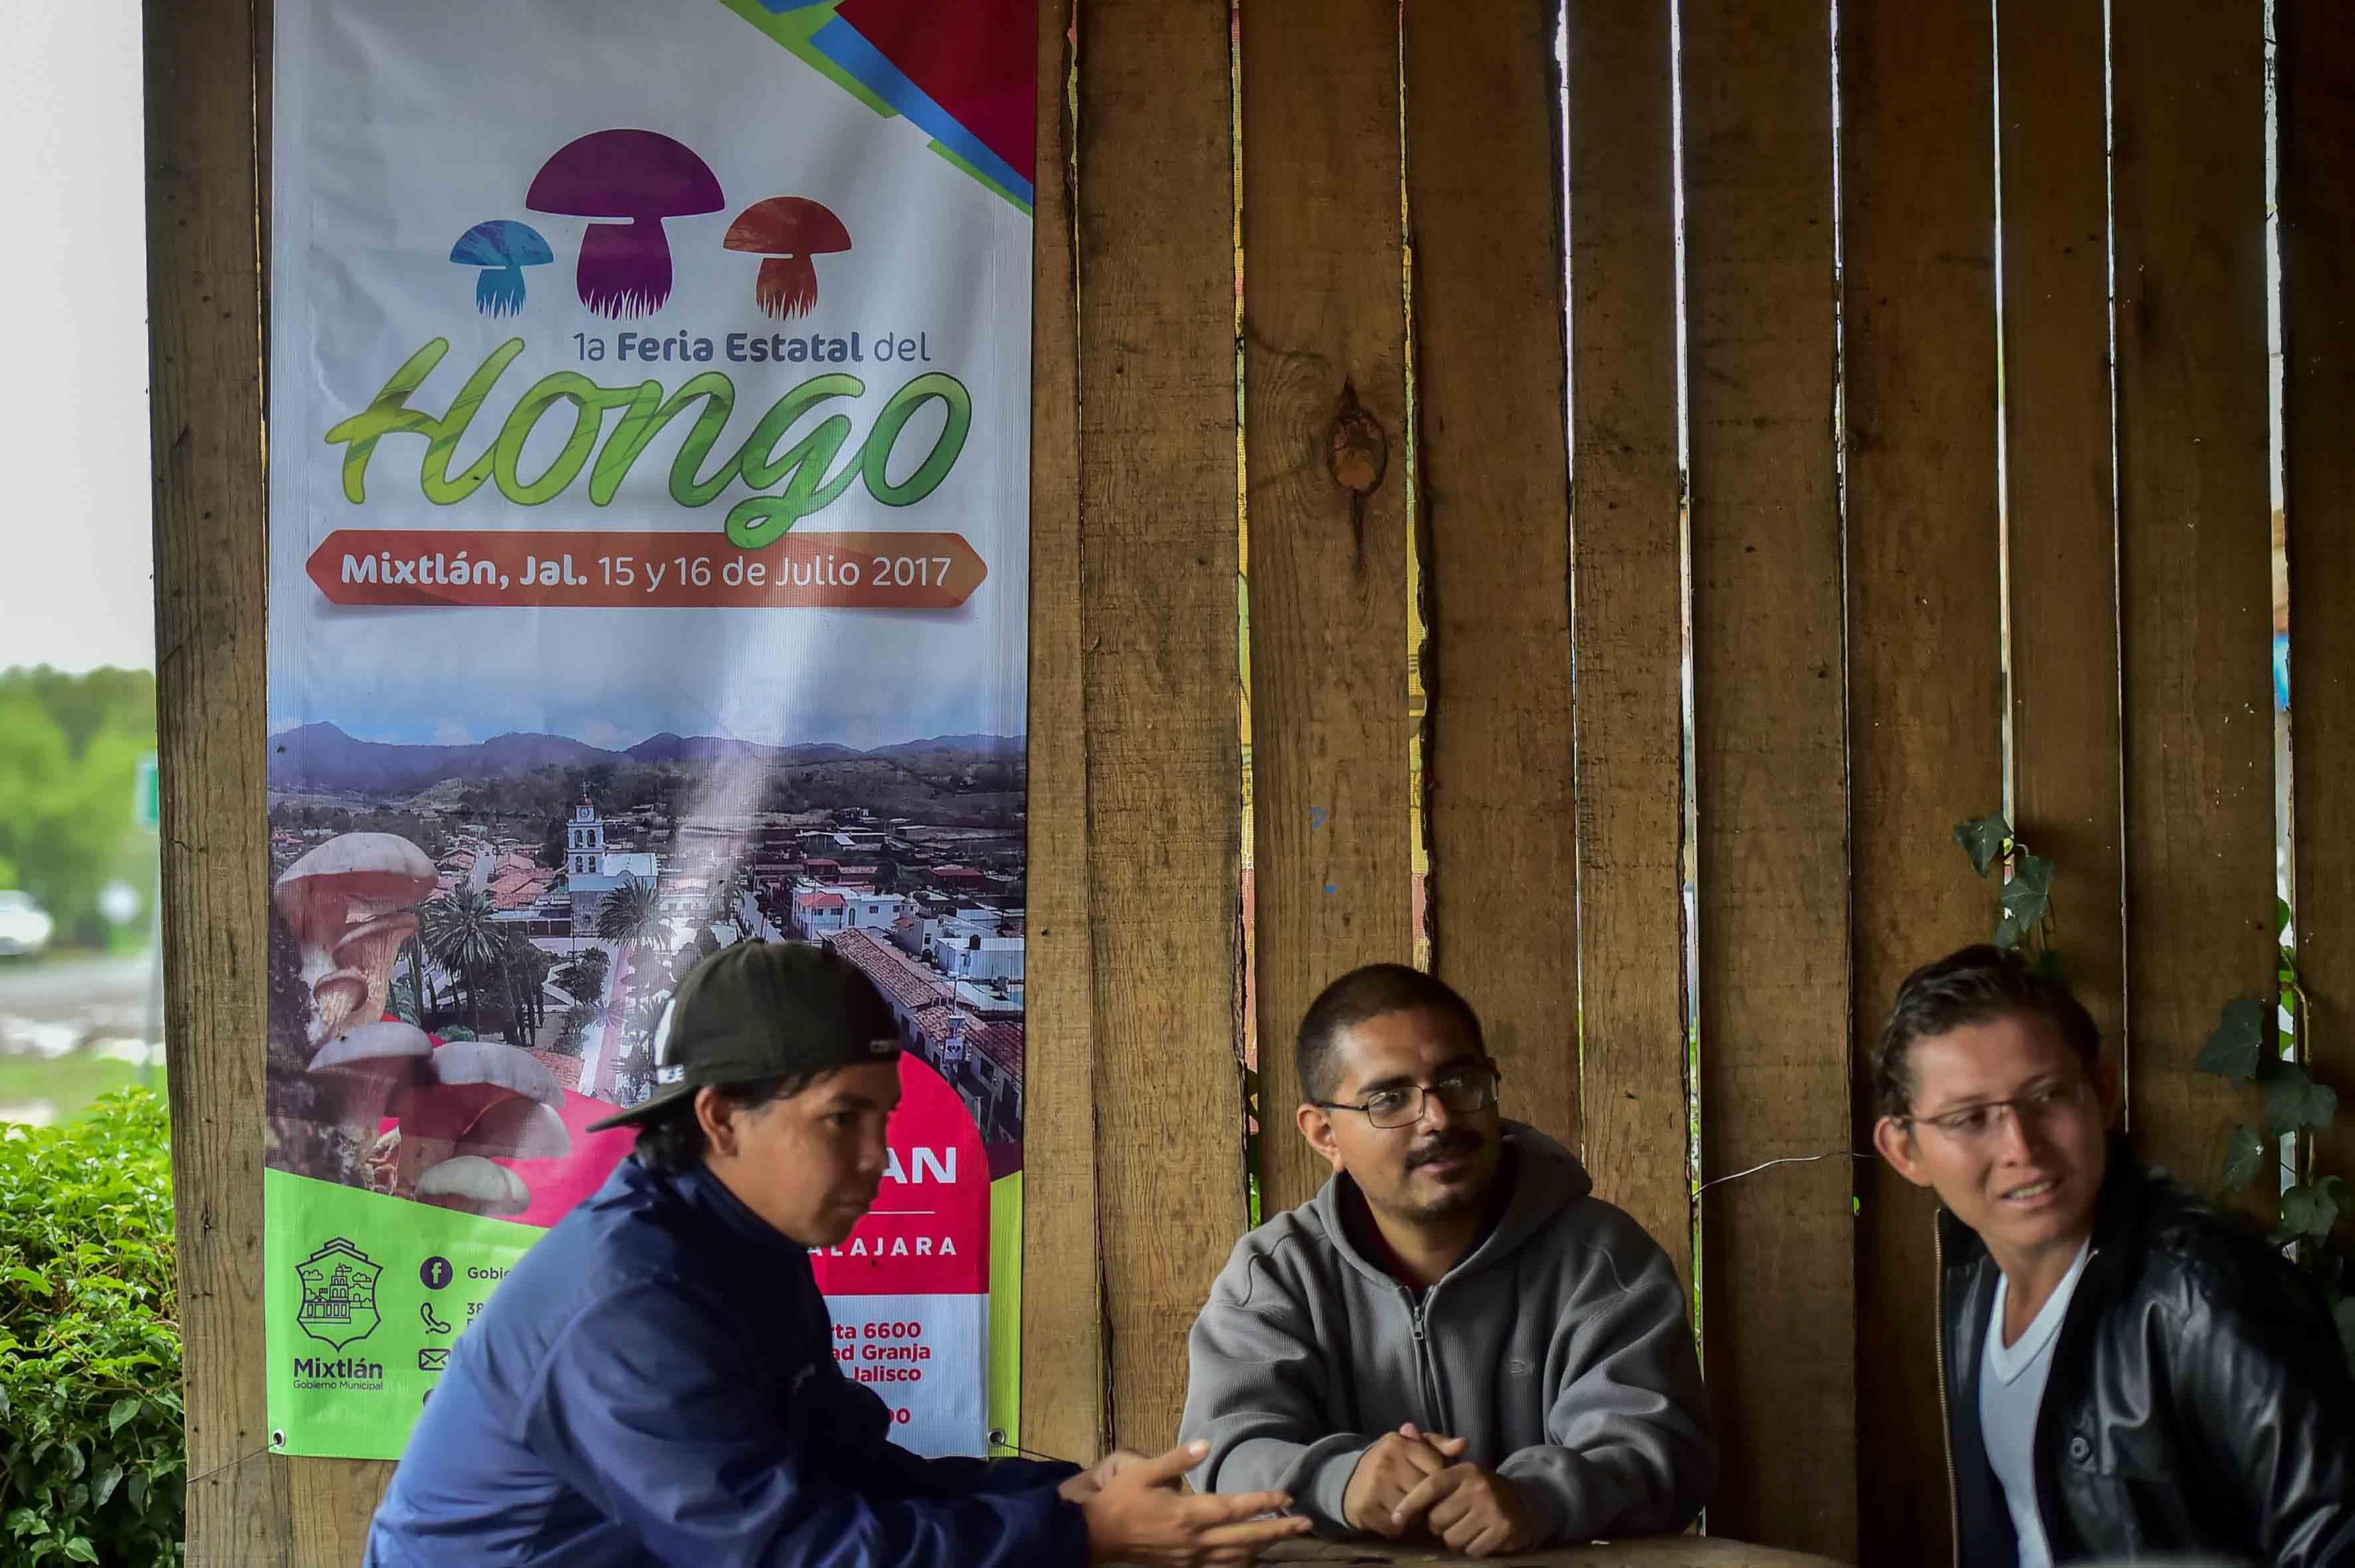 Visitantes de la Feria Estatal del Hongo, en el municipio de Mixtlán, Jalisco de la región Sierra Occidental.